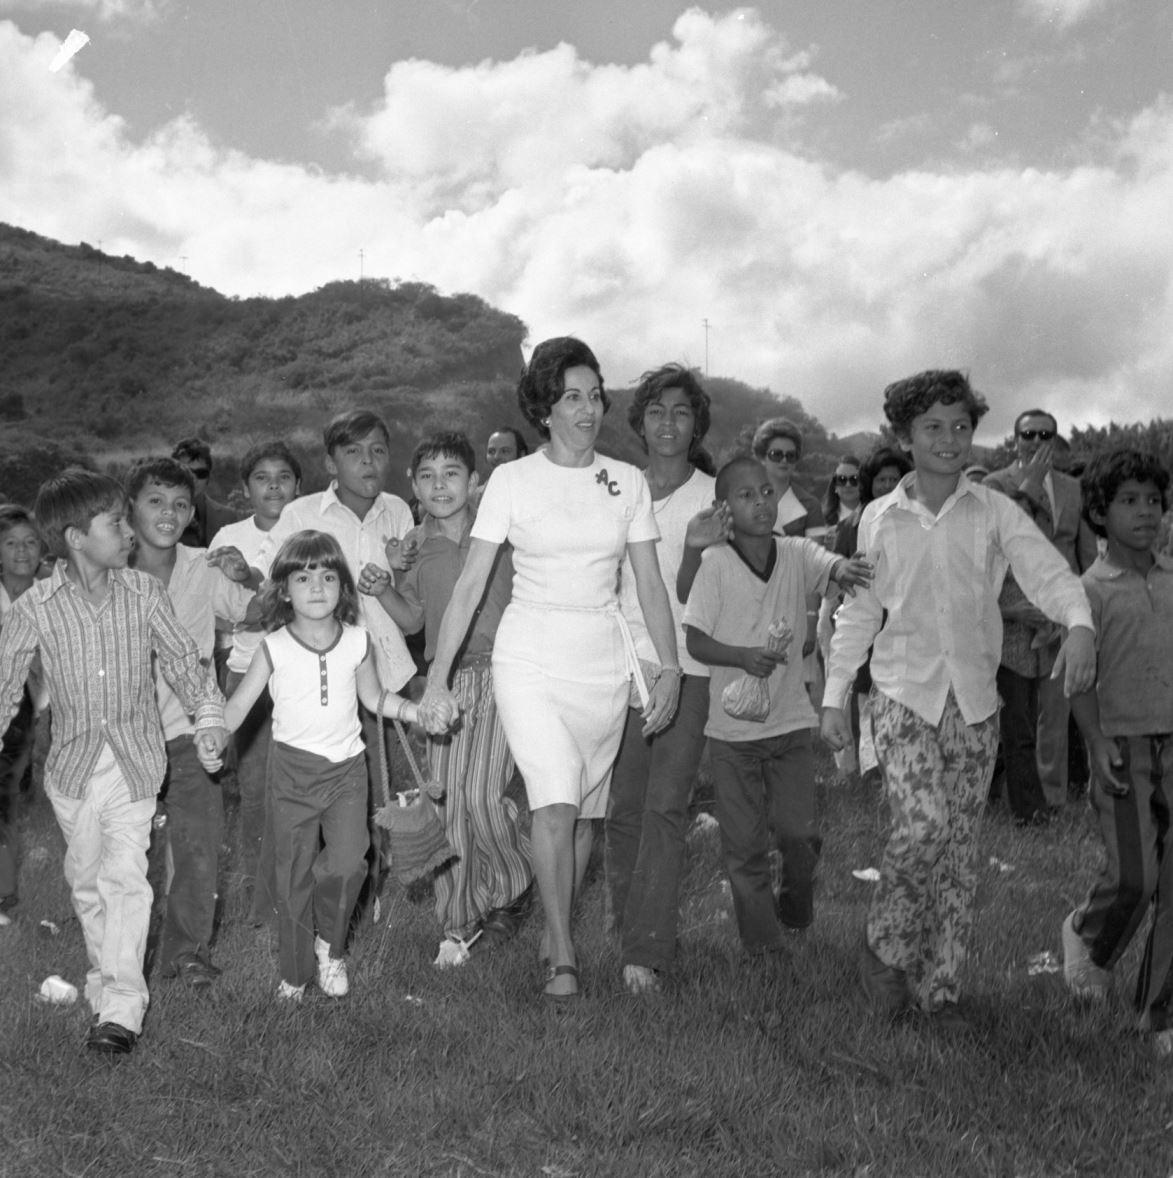 1974. Enero, 20. Alicia Pietri de Caldera: Ahora quiero más a mi país